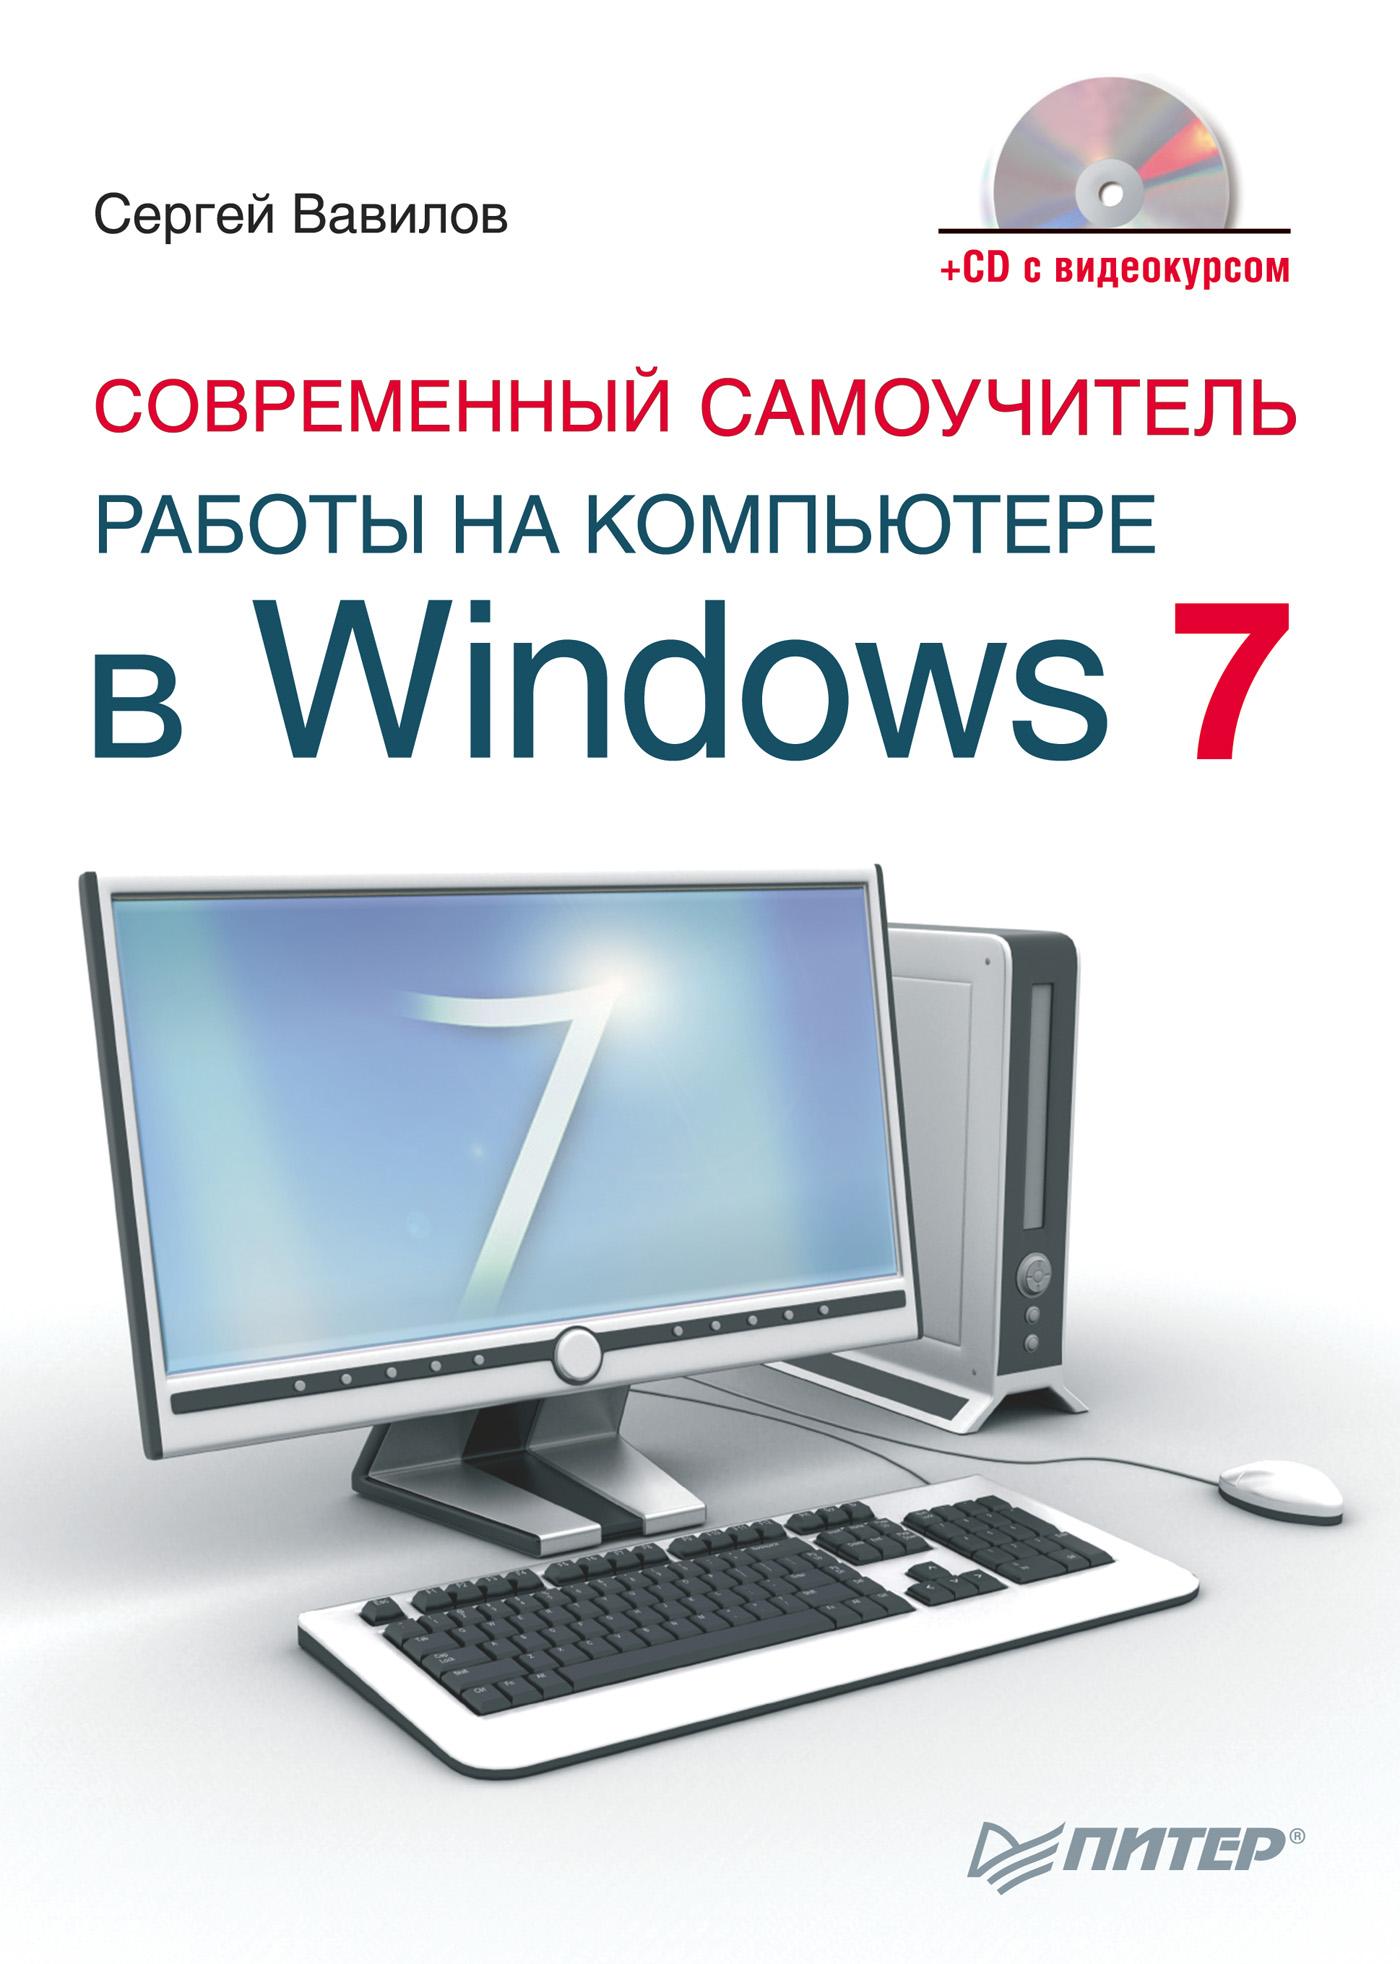 Сергей Вавилов Современный самоучитель работы на компьютере в Windows 7 вавилов с современный самоучитель работы на компьютере в windows 7